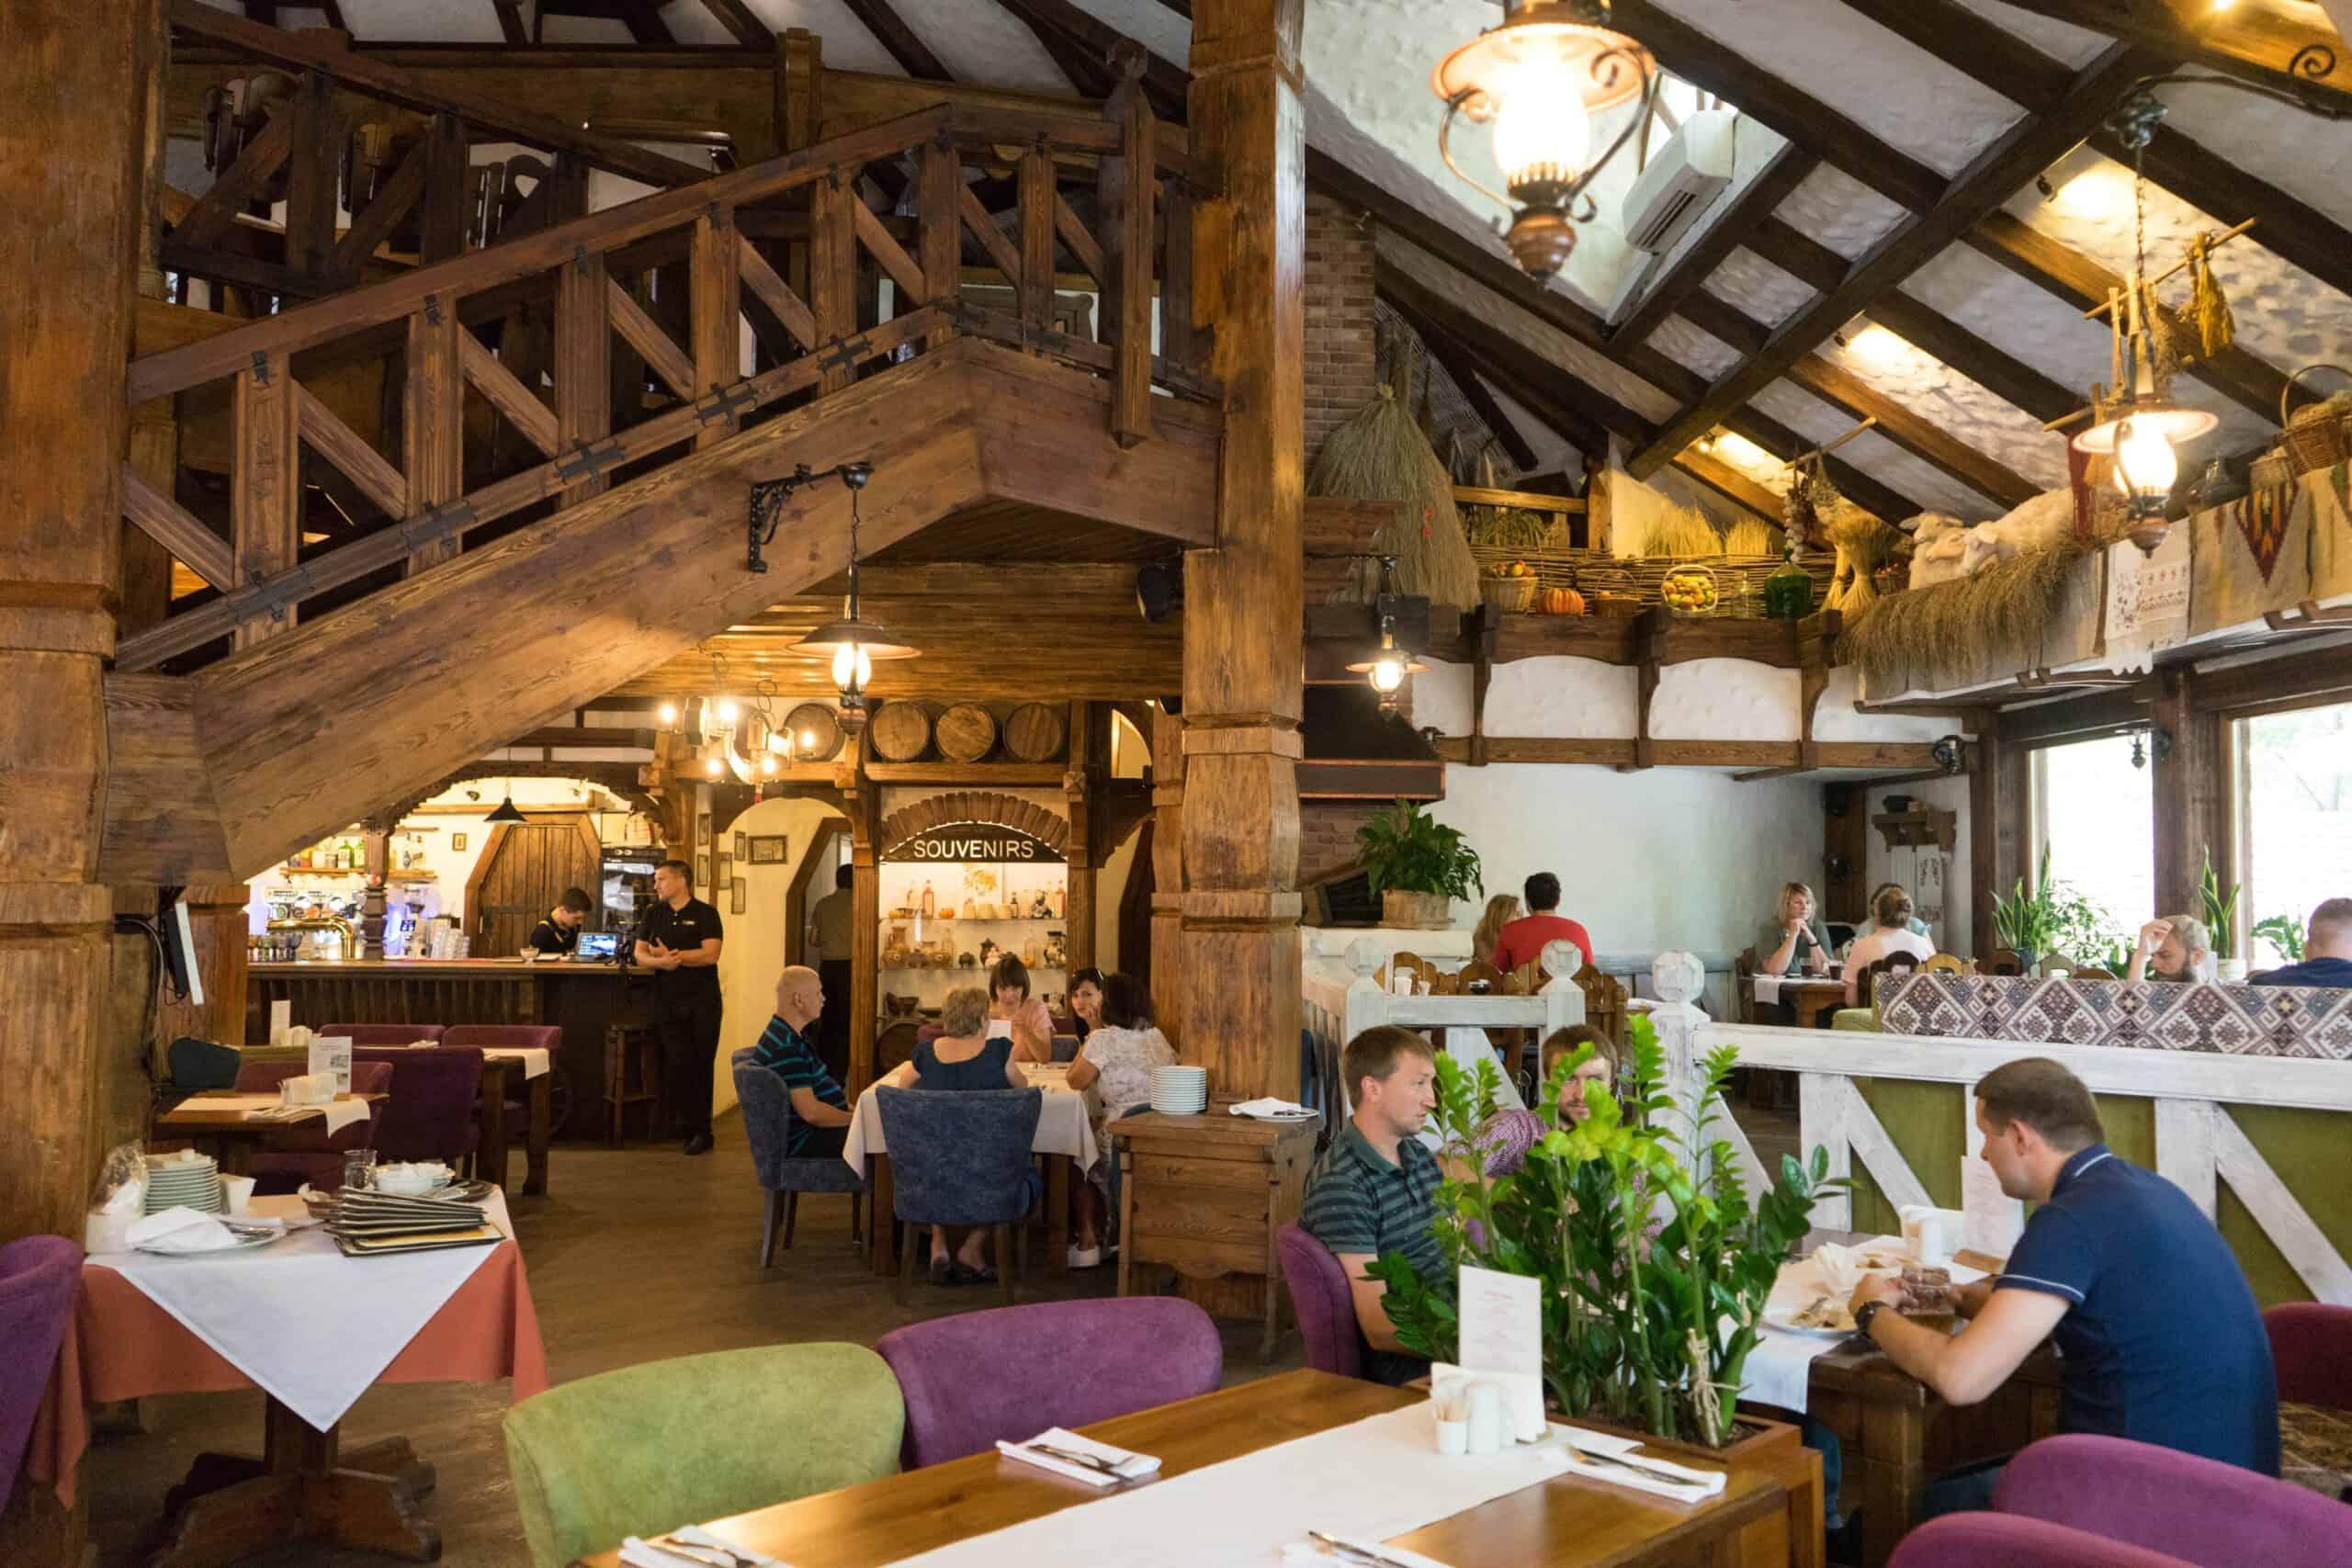 Restaurant-Taras_Interior4-min